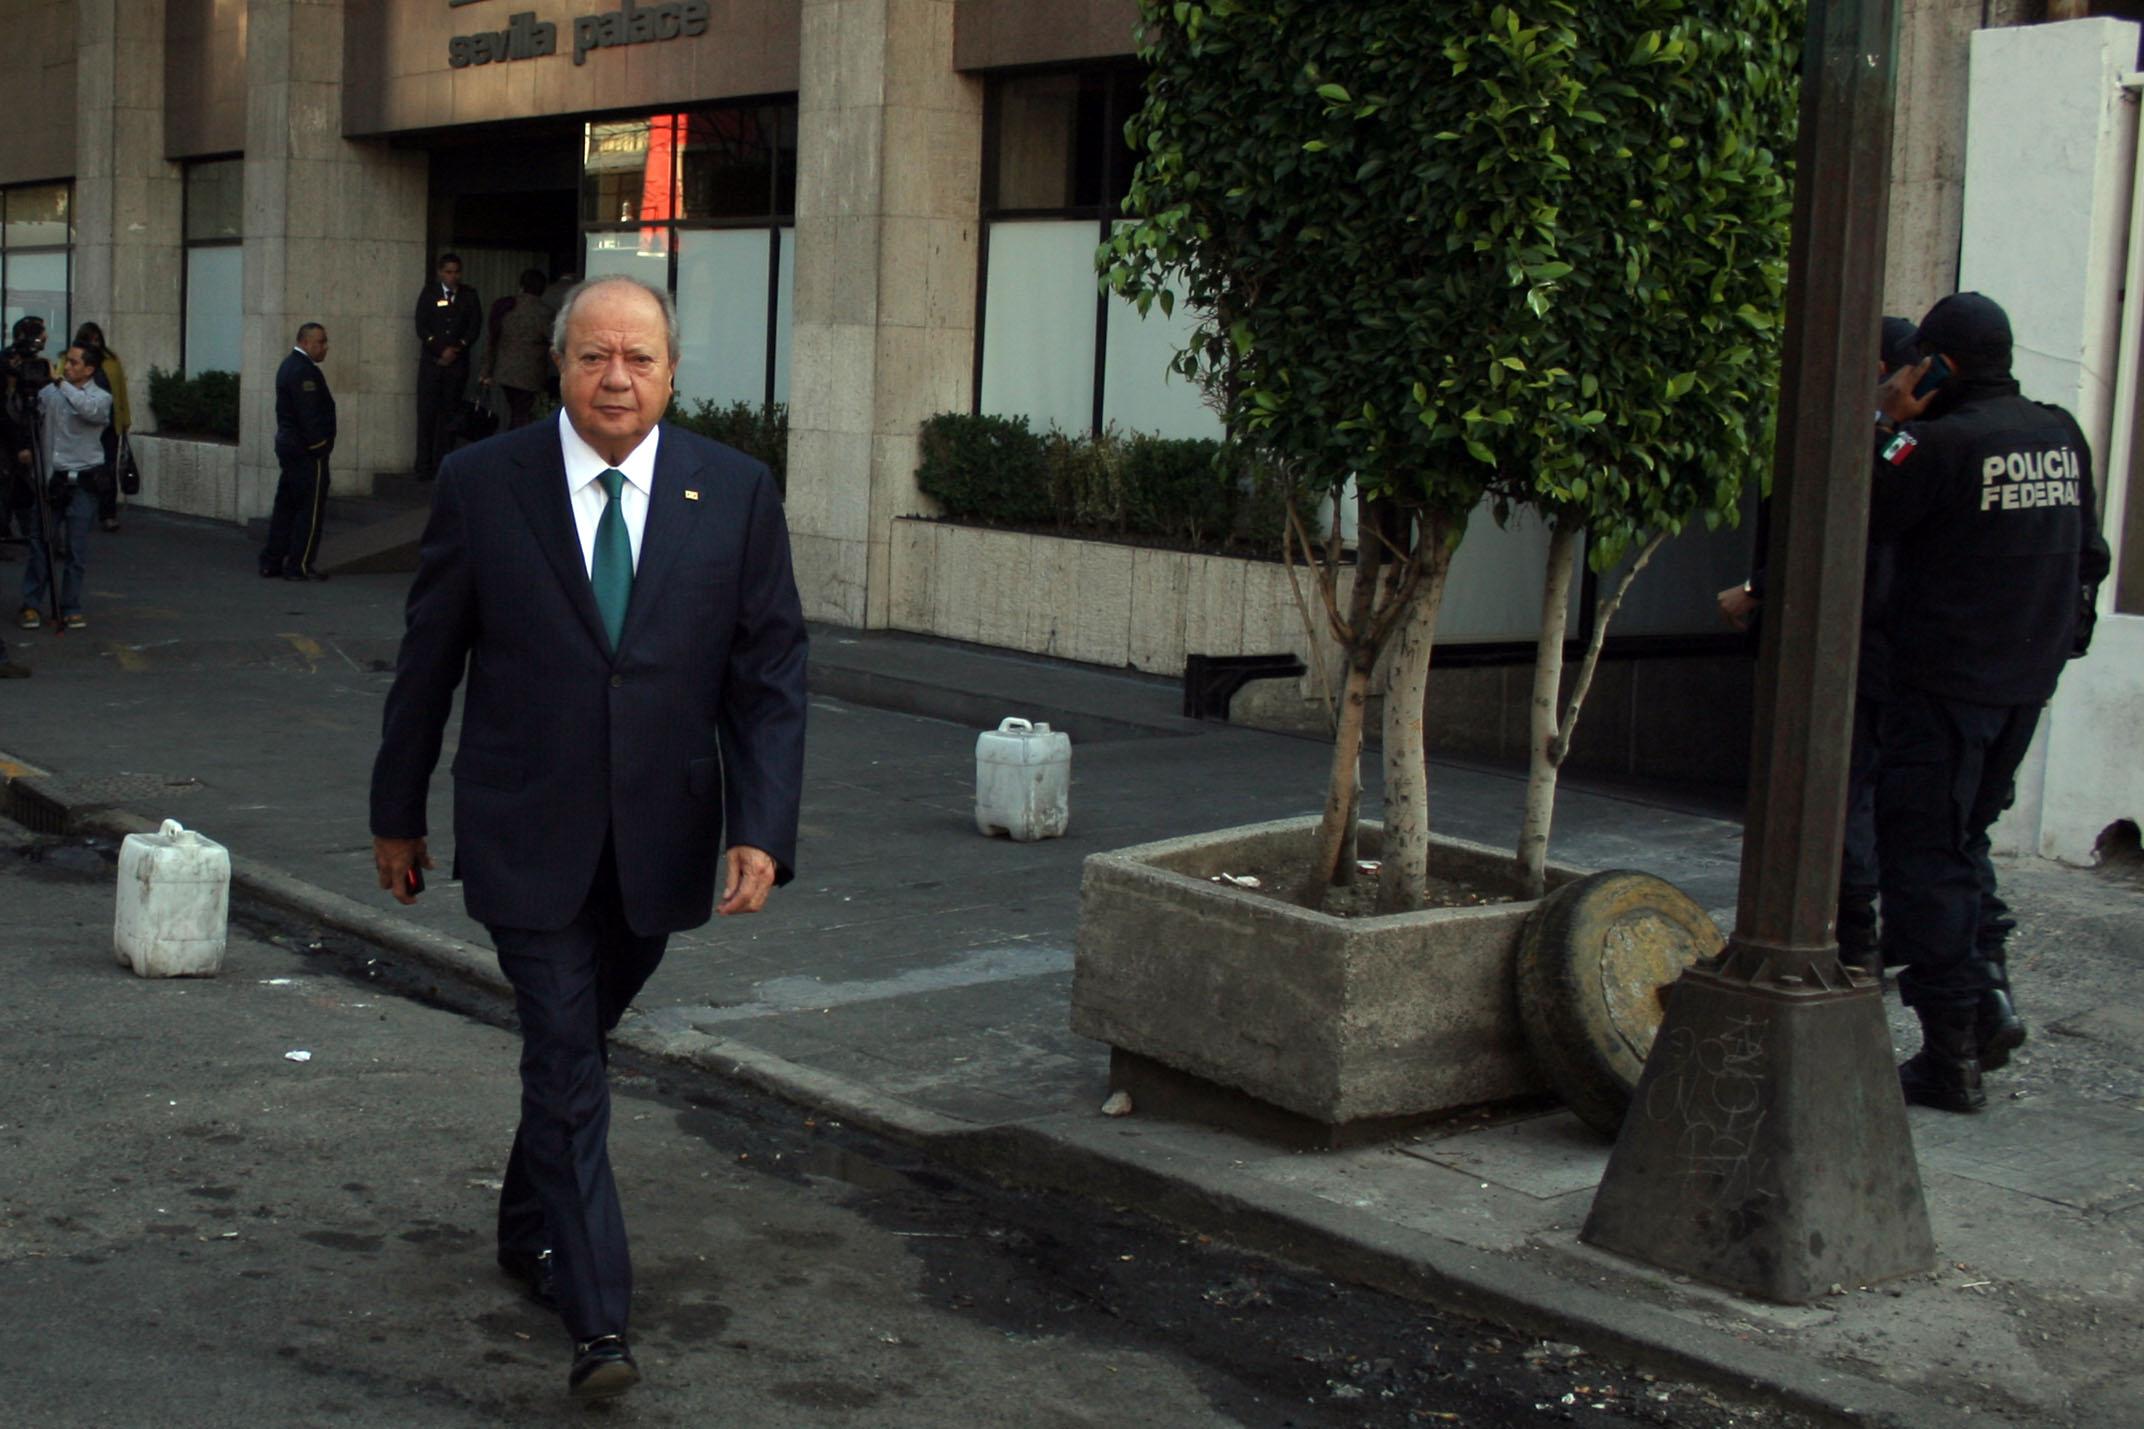 El líder sindical de Petróleos Mexicanos elogió el combate contra la corrupción anunciado por el Presidente mexicano, sin embargo pidió un amparo de detención en su contra Foto: (Cuartoscuro)